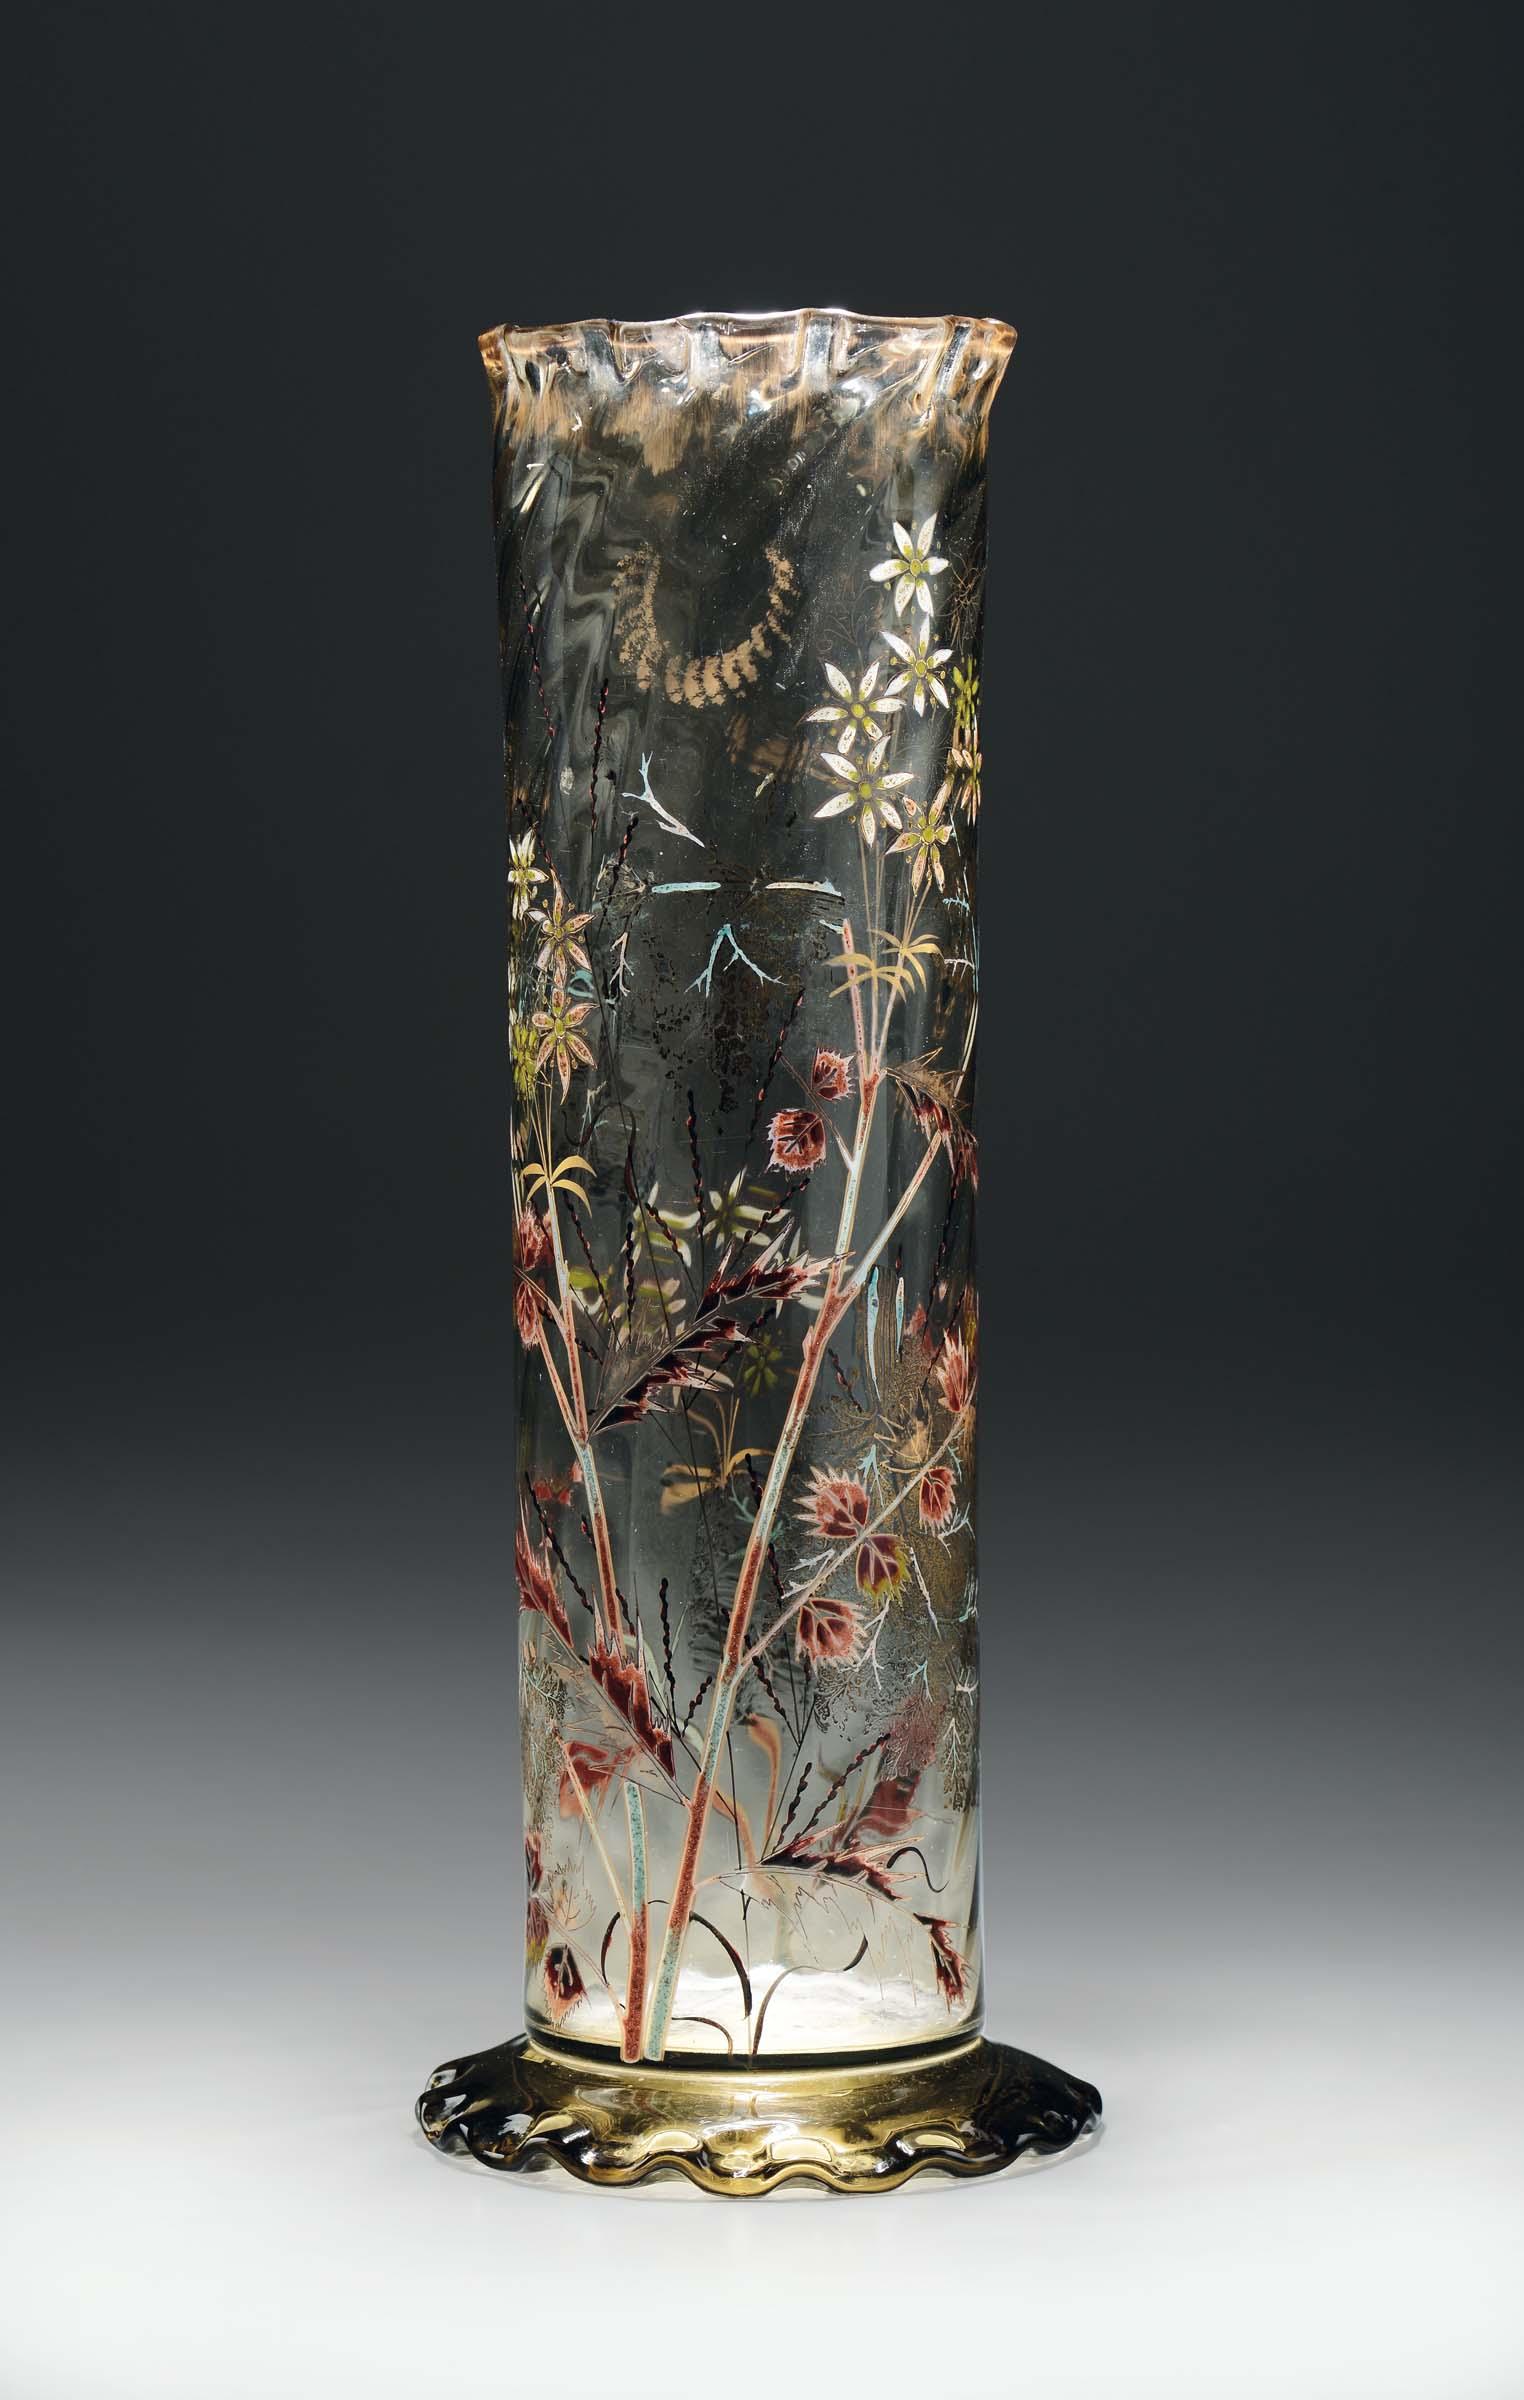 Emile galle 1846 1904 nancy vaso in vetro trasparente for Vaso galle